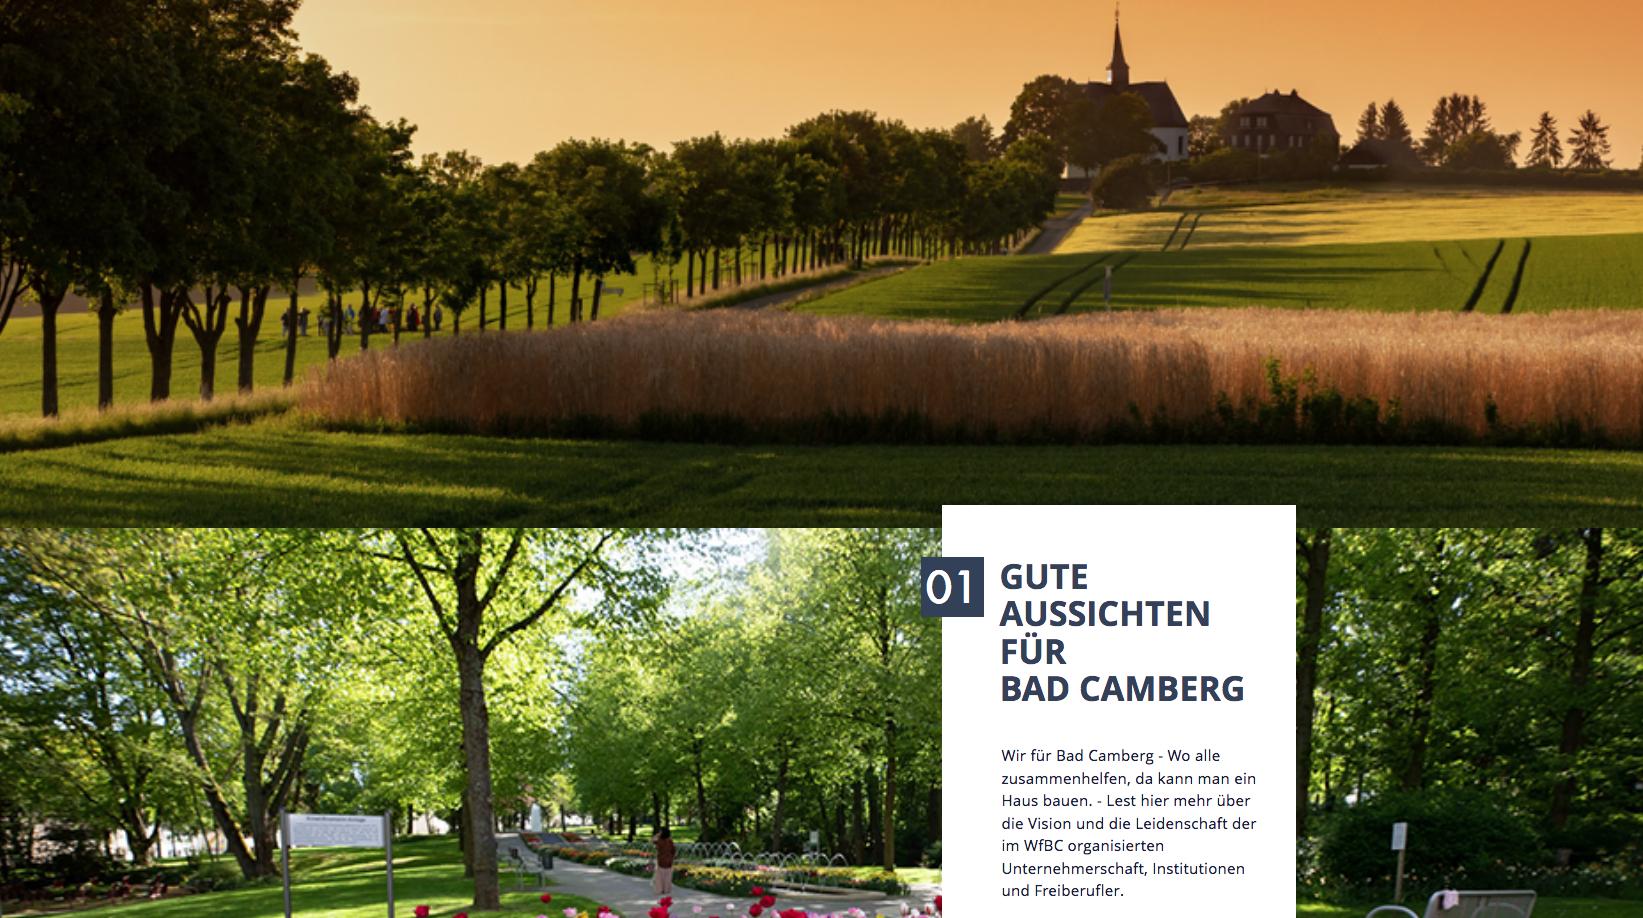 Powerhomepage für Wir für Bad Camberg e.V.